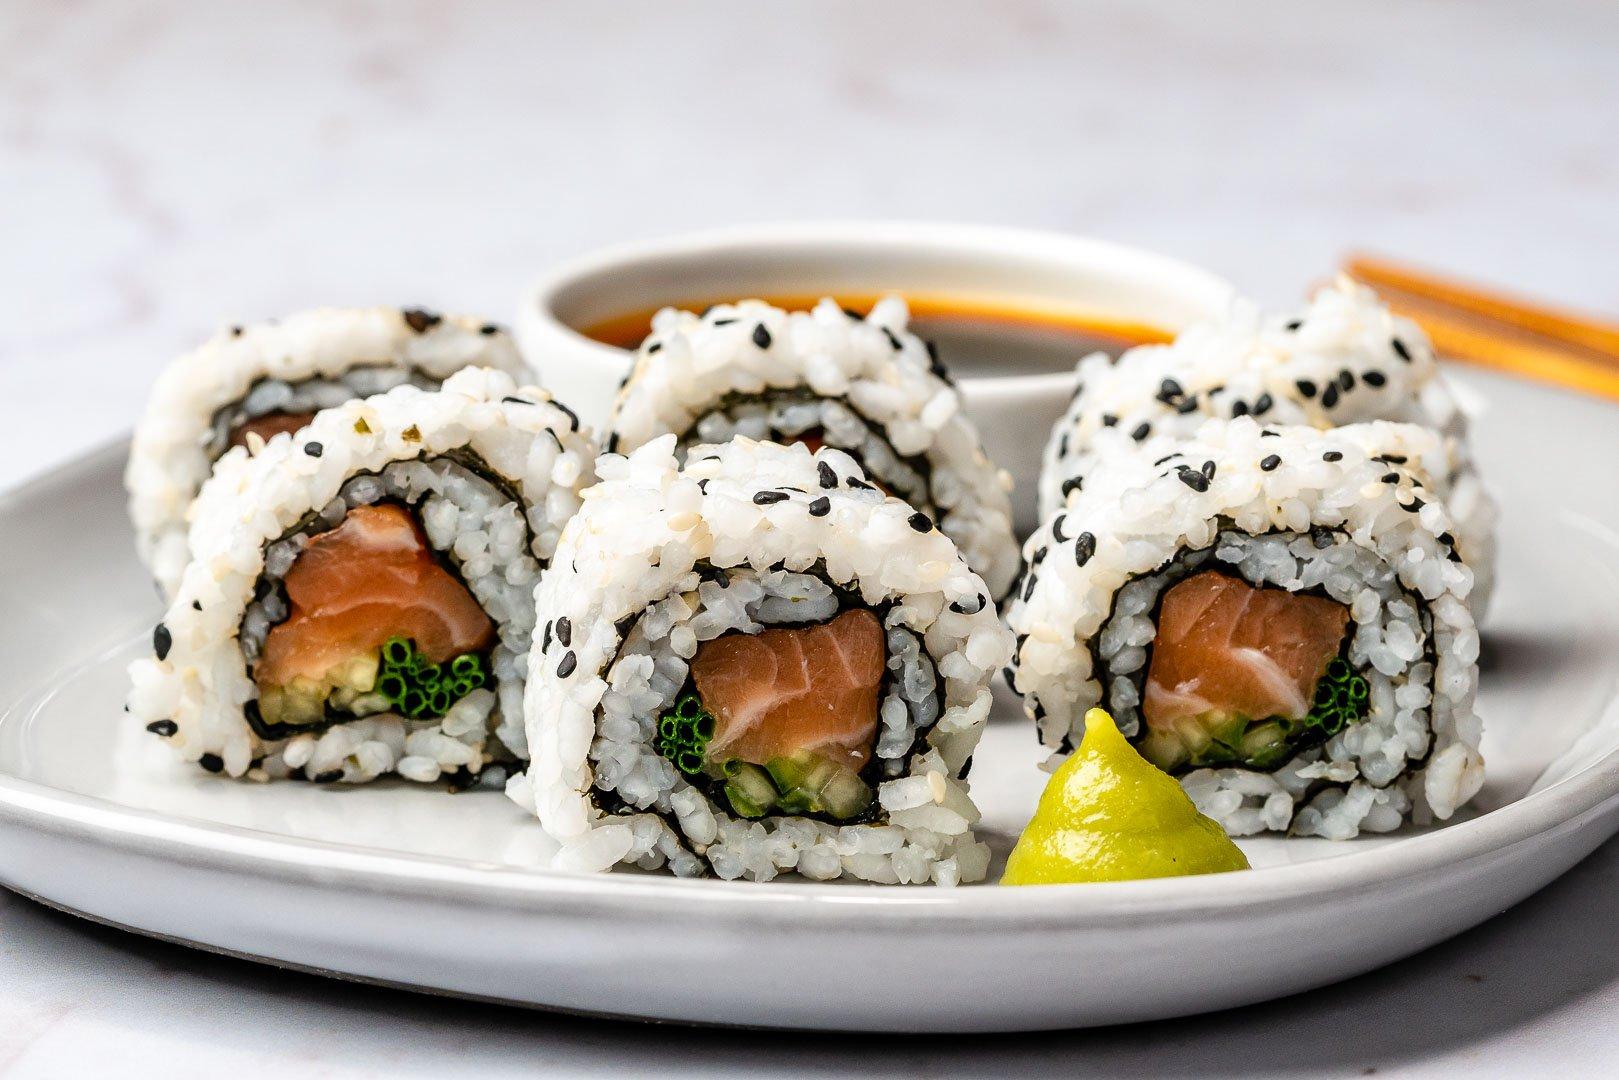 Cum Se Face Sushi Acasa - 4 Retete Simple De Sushi 16